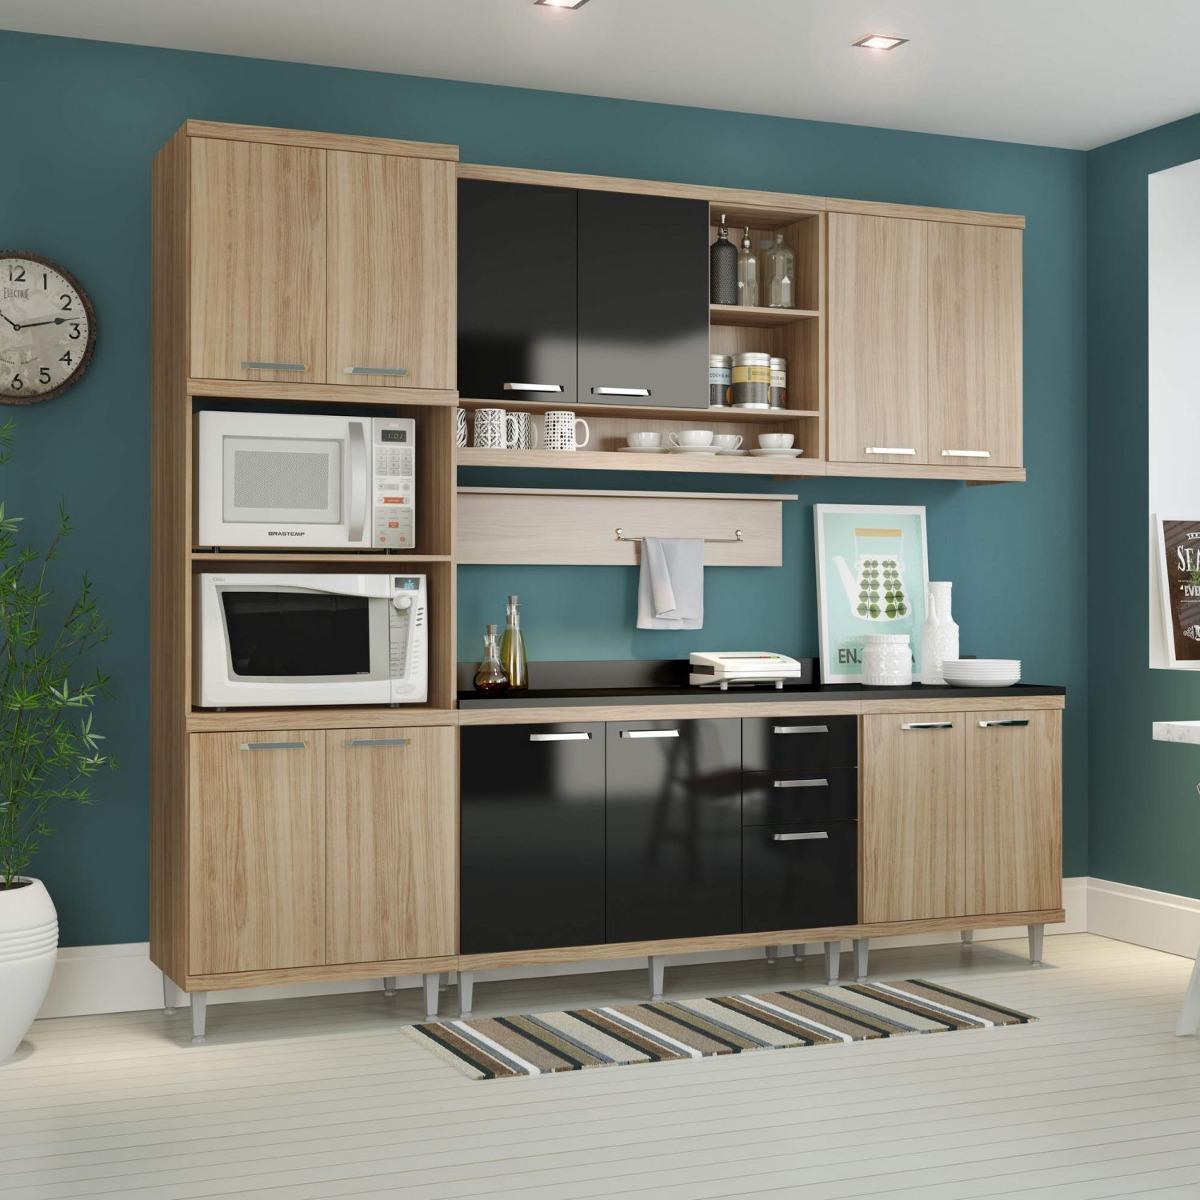 Cozinha Completa Com Tampo 12 Portas 7 Pe As Sic Lia E R 1 999 90